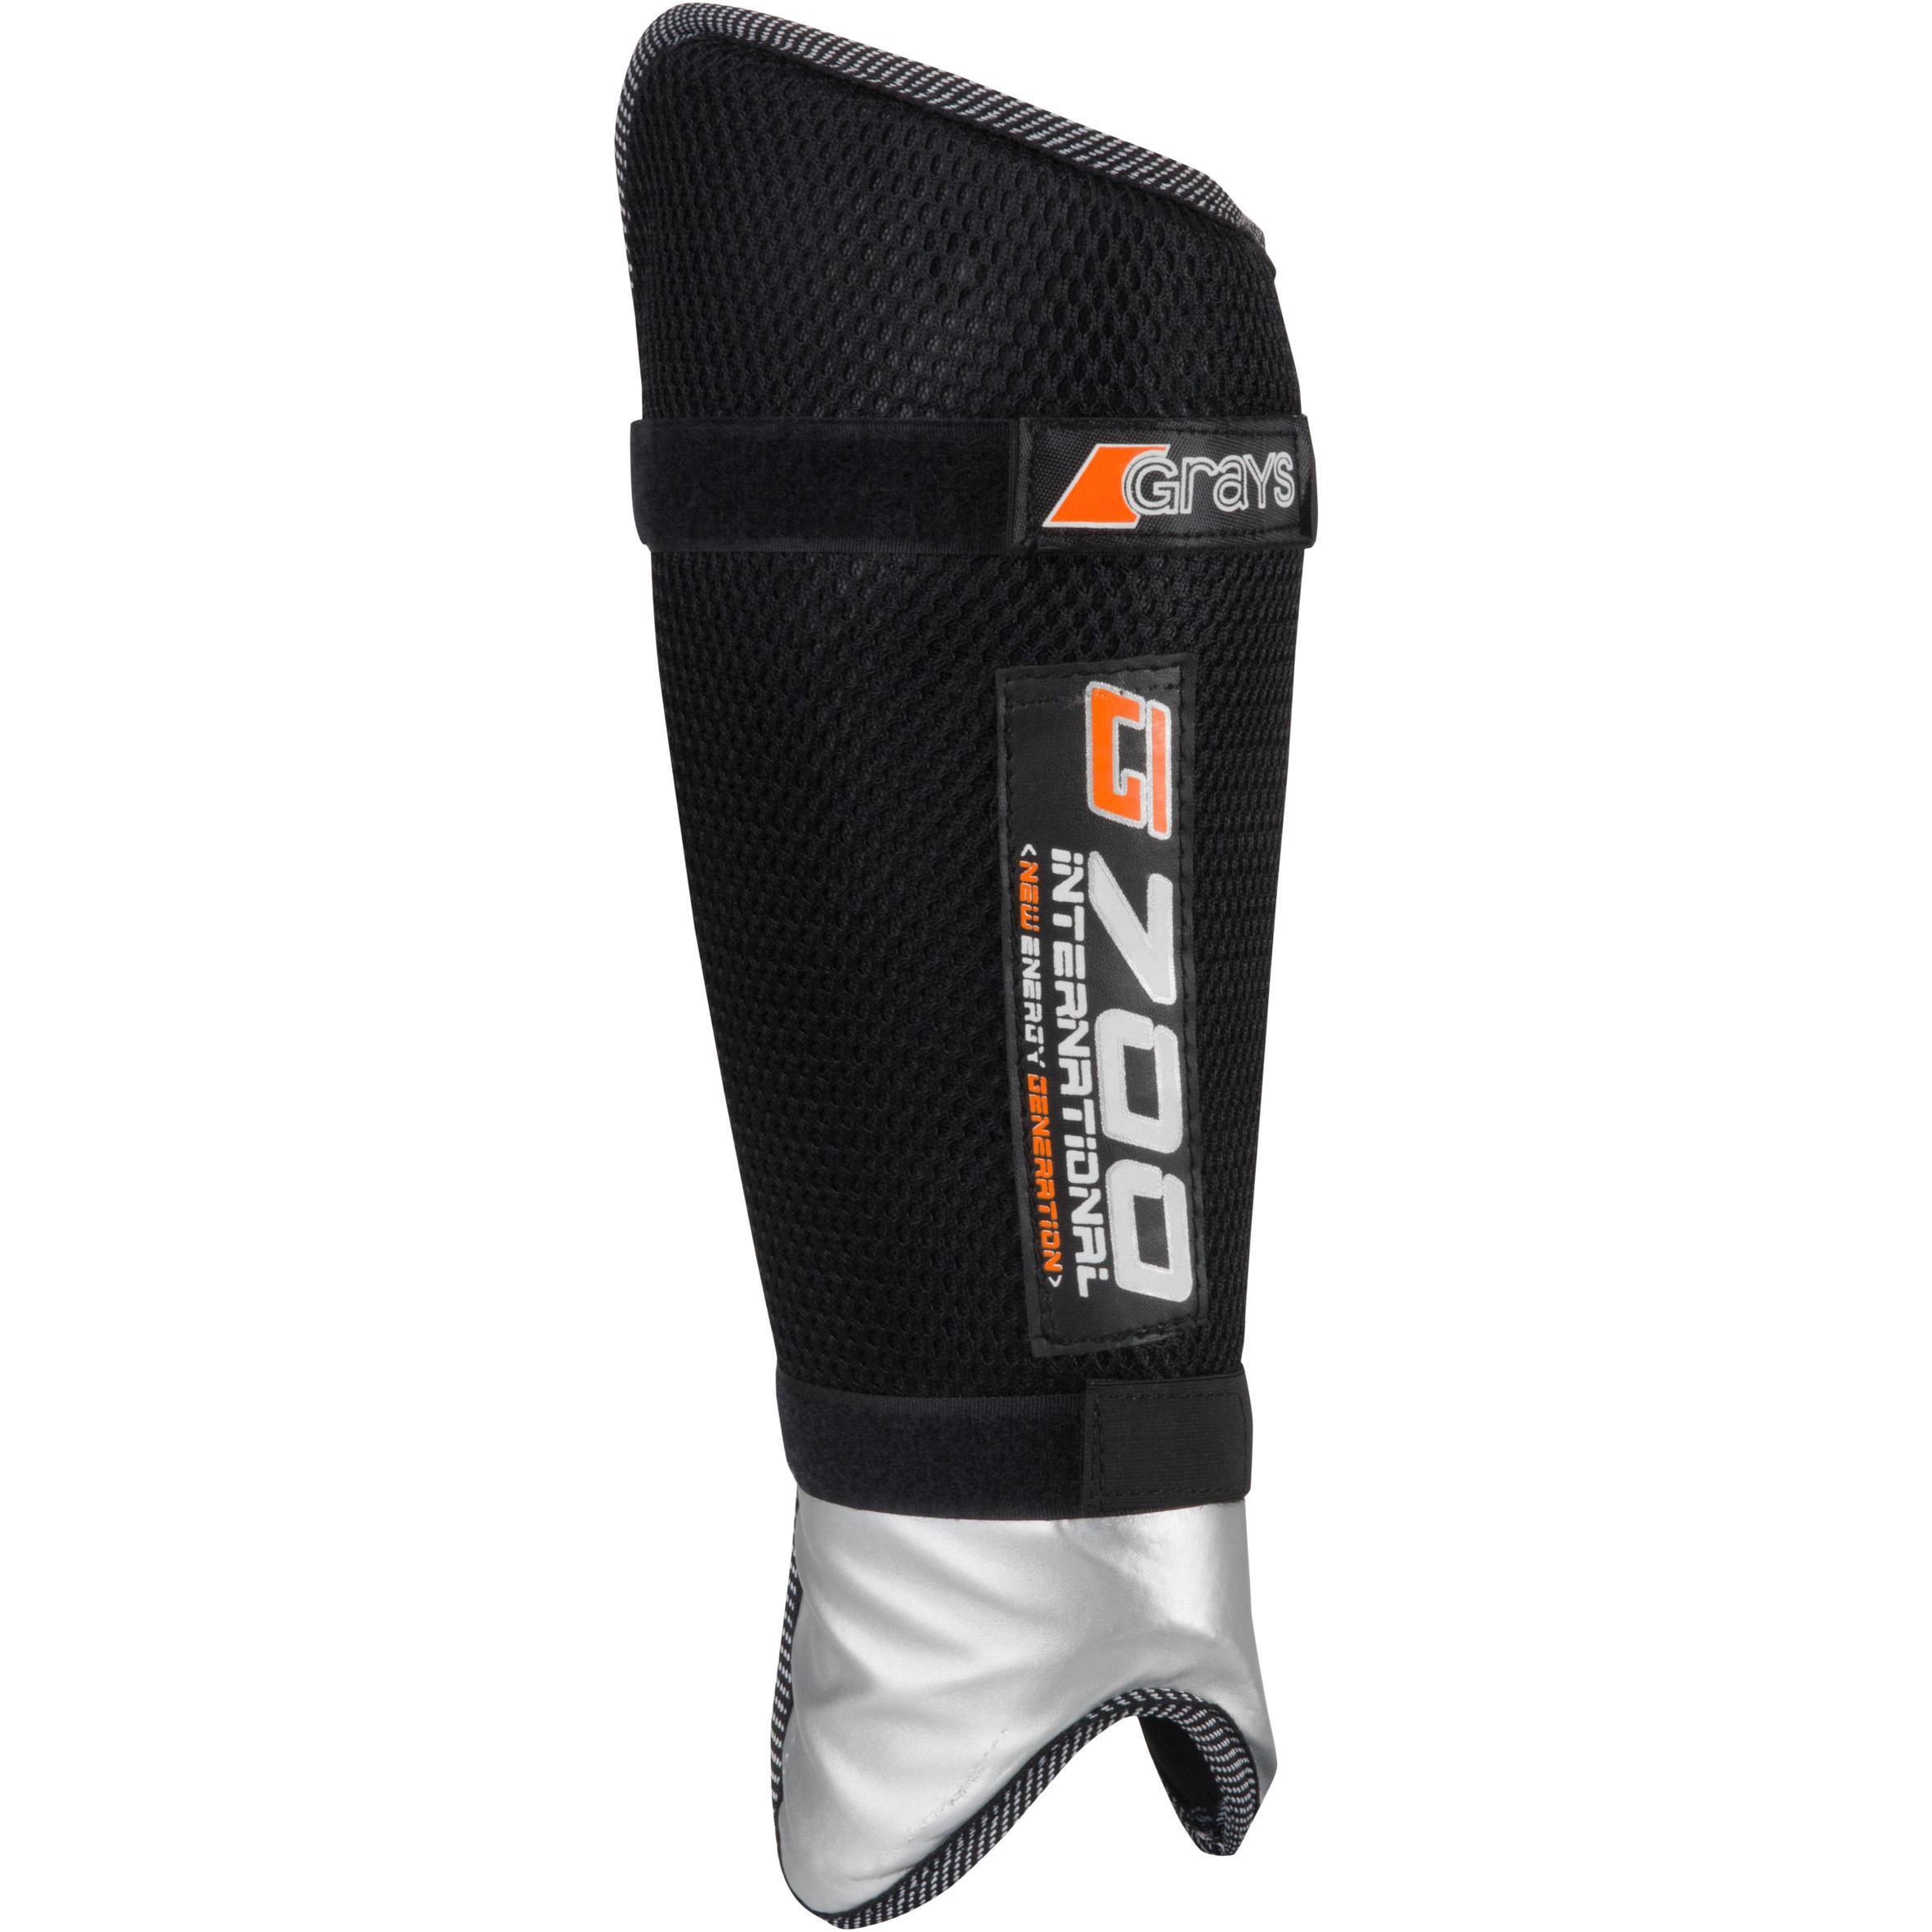 Grays Scheenbeschermers voor hockey volwassenen G700 Grays zwart